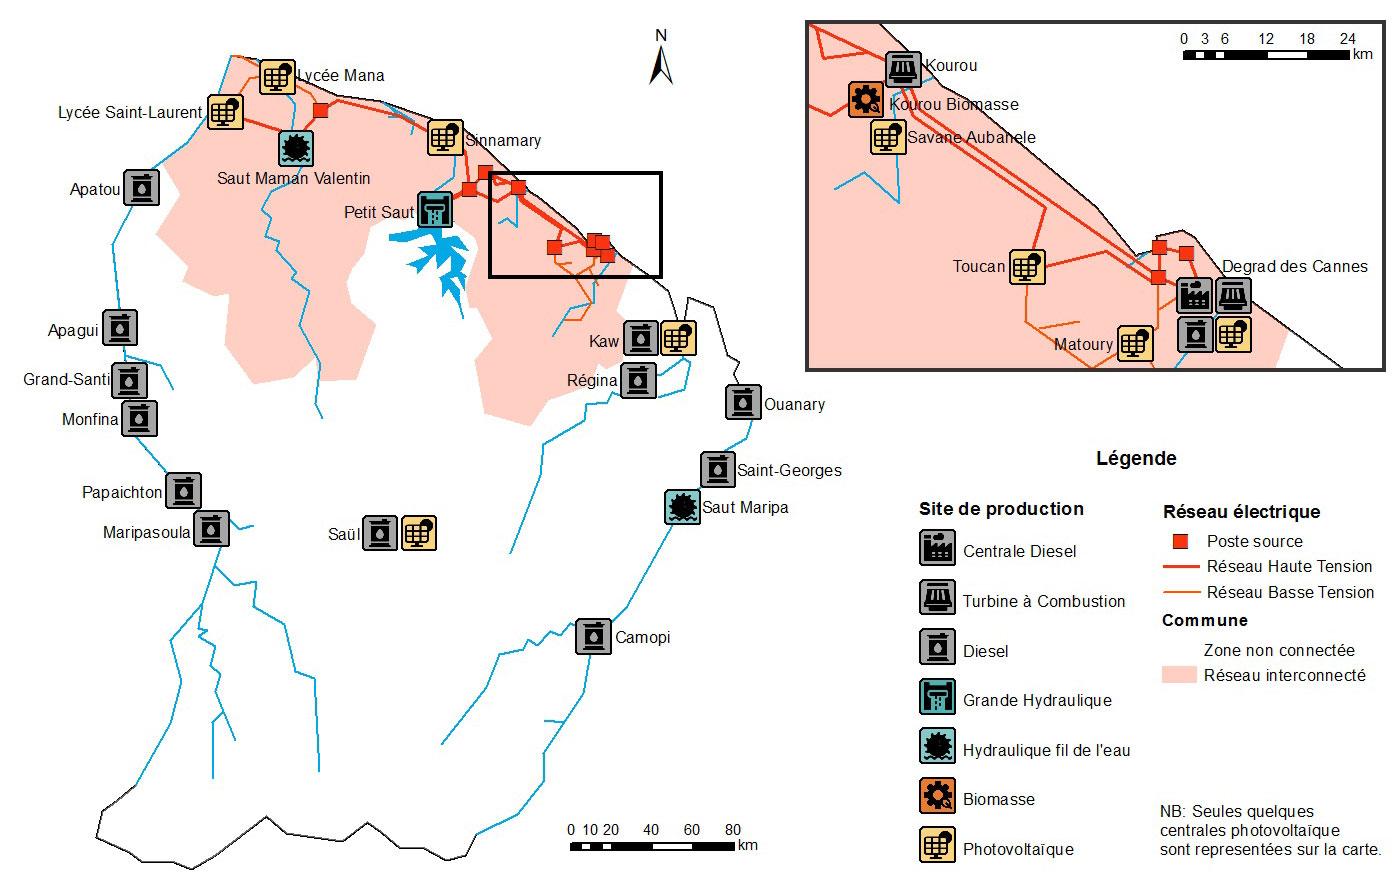 Carte des réseaux électriques en Guyane